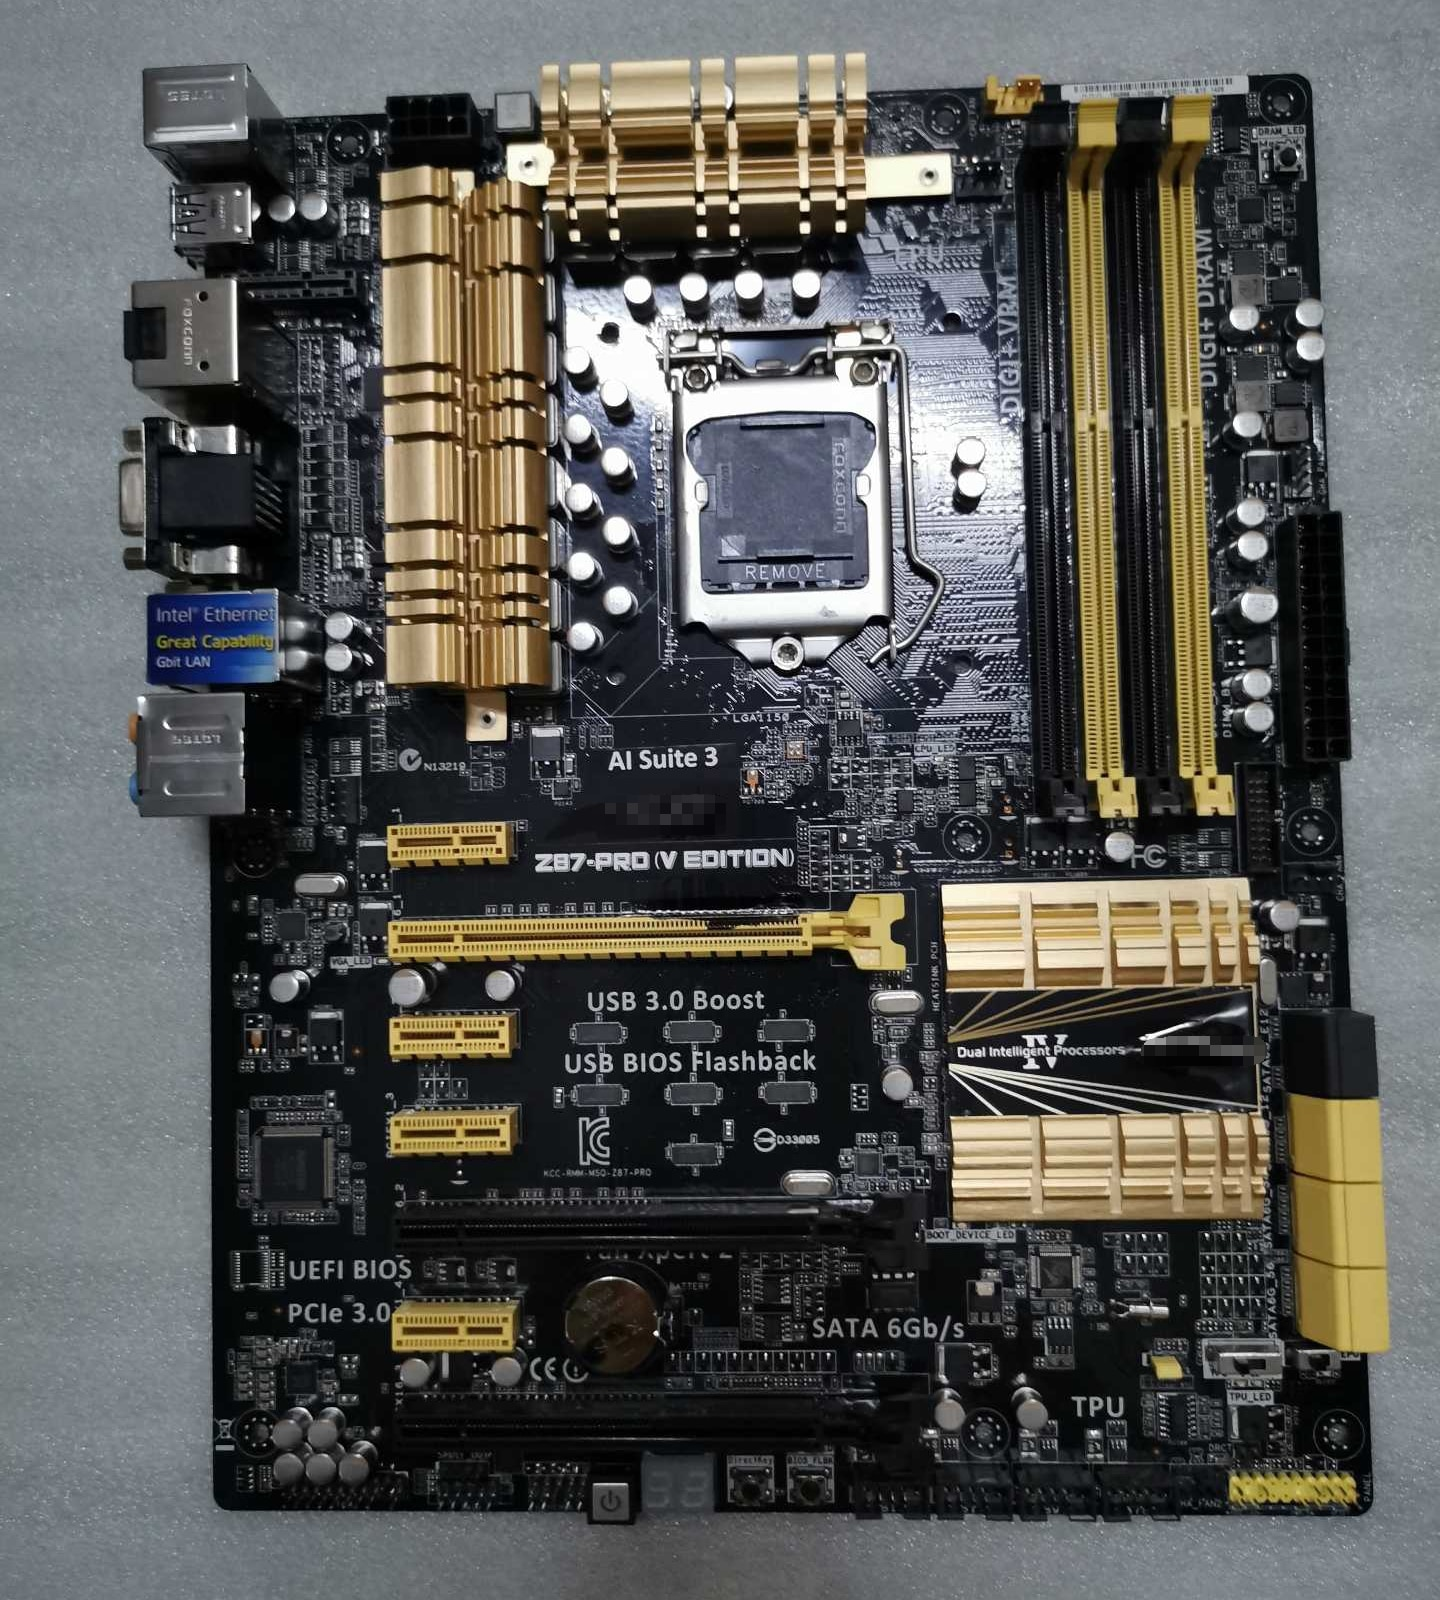 Z87-PRO  Z87-PRO(V EDITION)  for ASUS 1150 DDR3 Desktop Motherboard